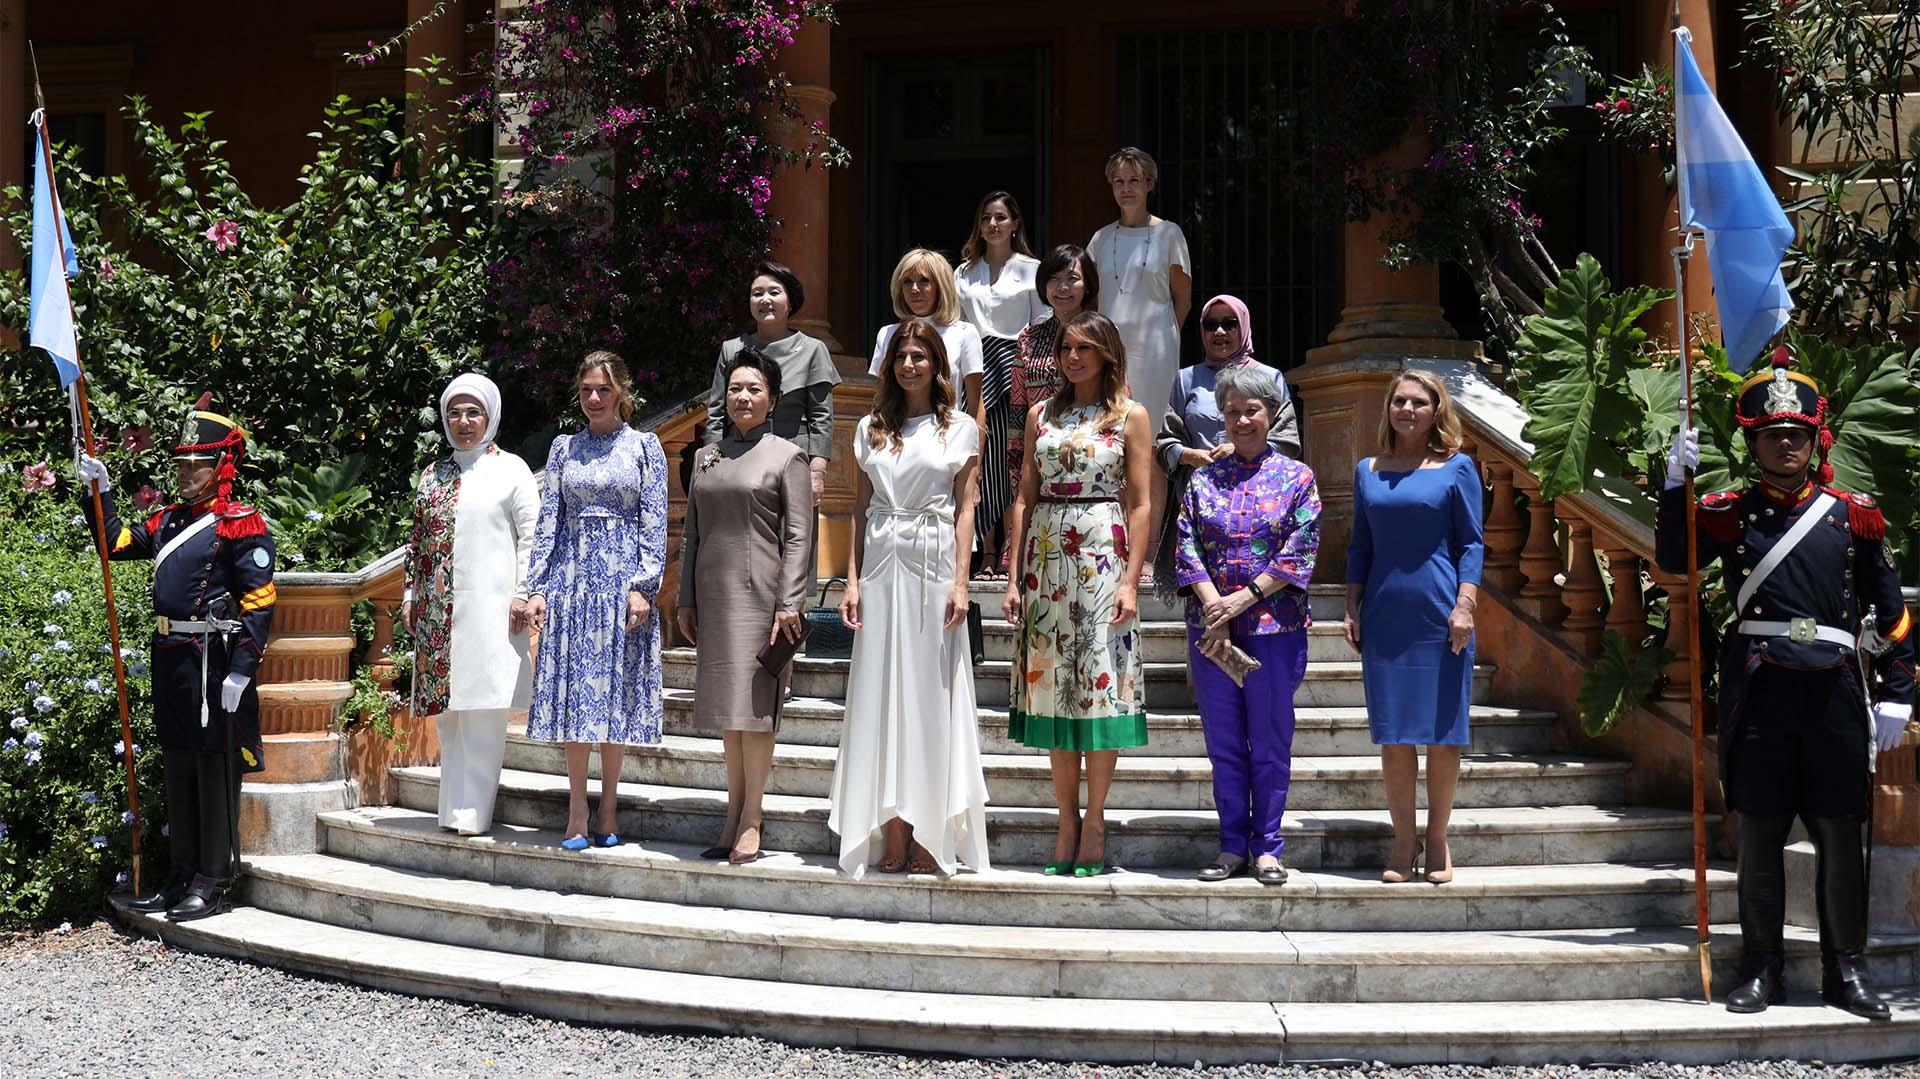 La foto oficial del encuentro de primeras damas (REUTERS/Pilar Olivares)